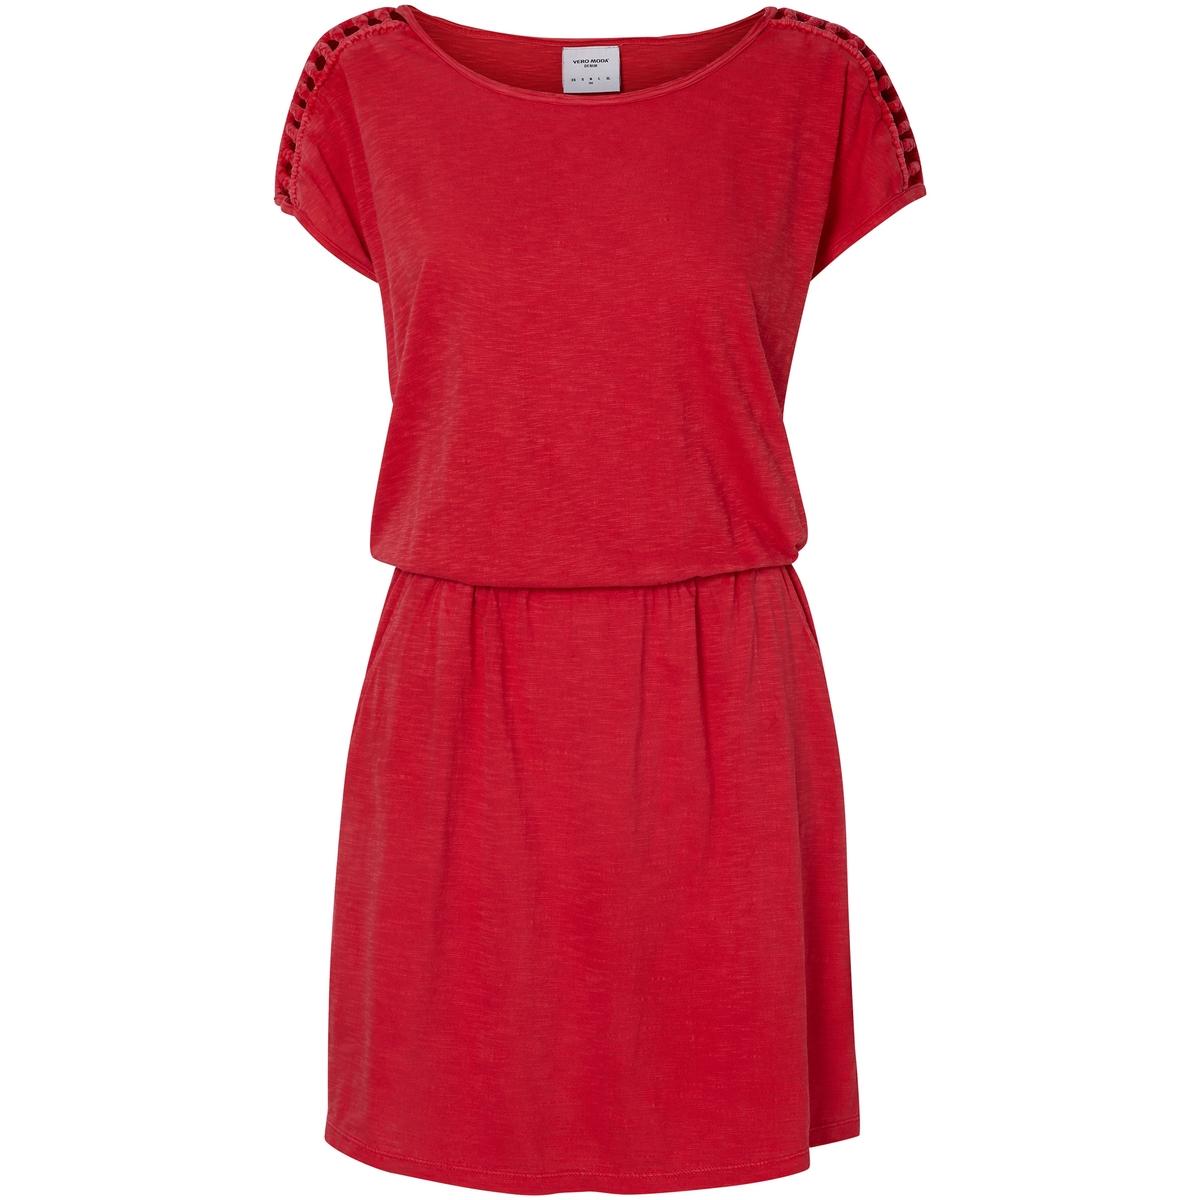 Платье короткое с короткими рукавамиДетали  •  Форма : расклешенная   •  Длина до колен •  Короткие рукава    •   V-образный вырез   •  Эластичный пояс Состав и уход   •  100% хлопок  •  Просьба следовать советам по уходу, указанным на этикетке изделия<br><br>Цвет: желтый,темно-синий<br>Размер: XL